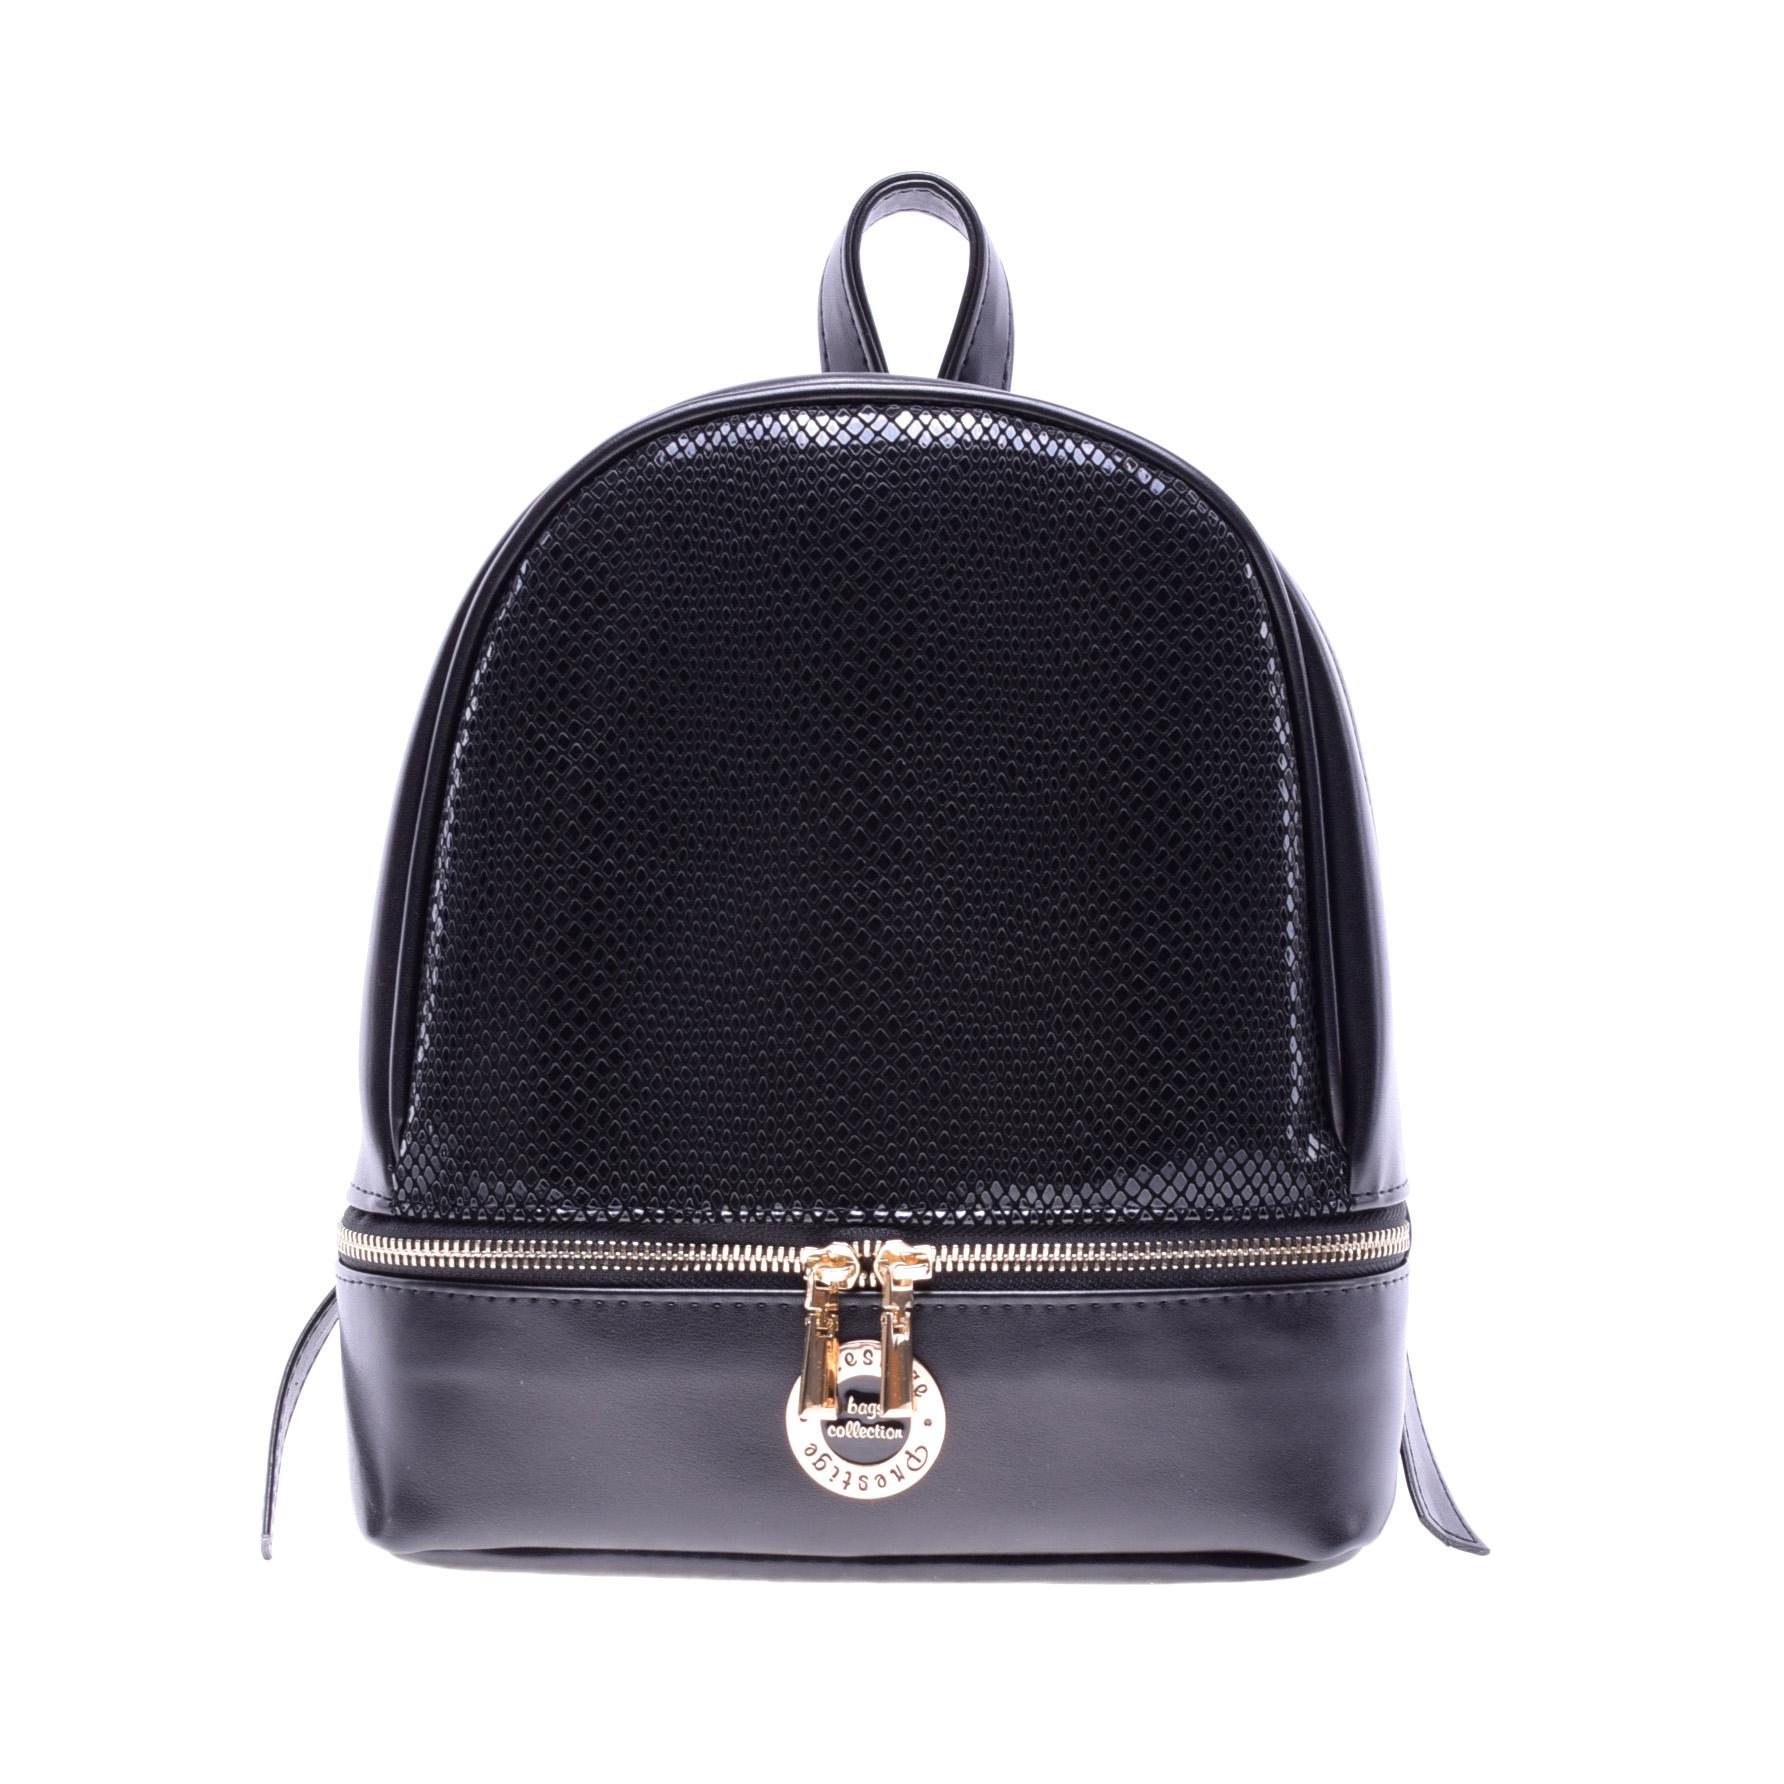 Prestige Női Műbőr Fekete kisméretű Hátizsák - Műbőr - Táska webáruház -  Minőségi táskák mindenkinek 0958b235cd